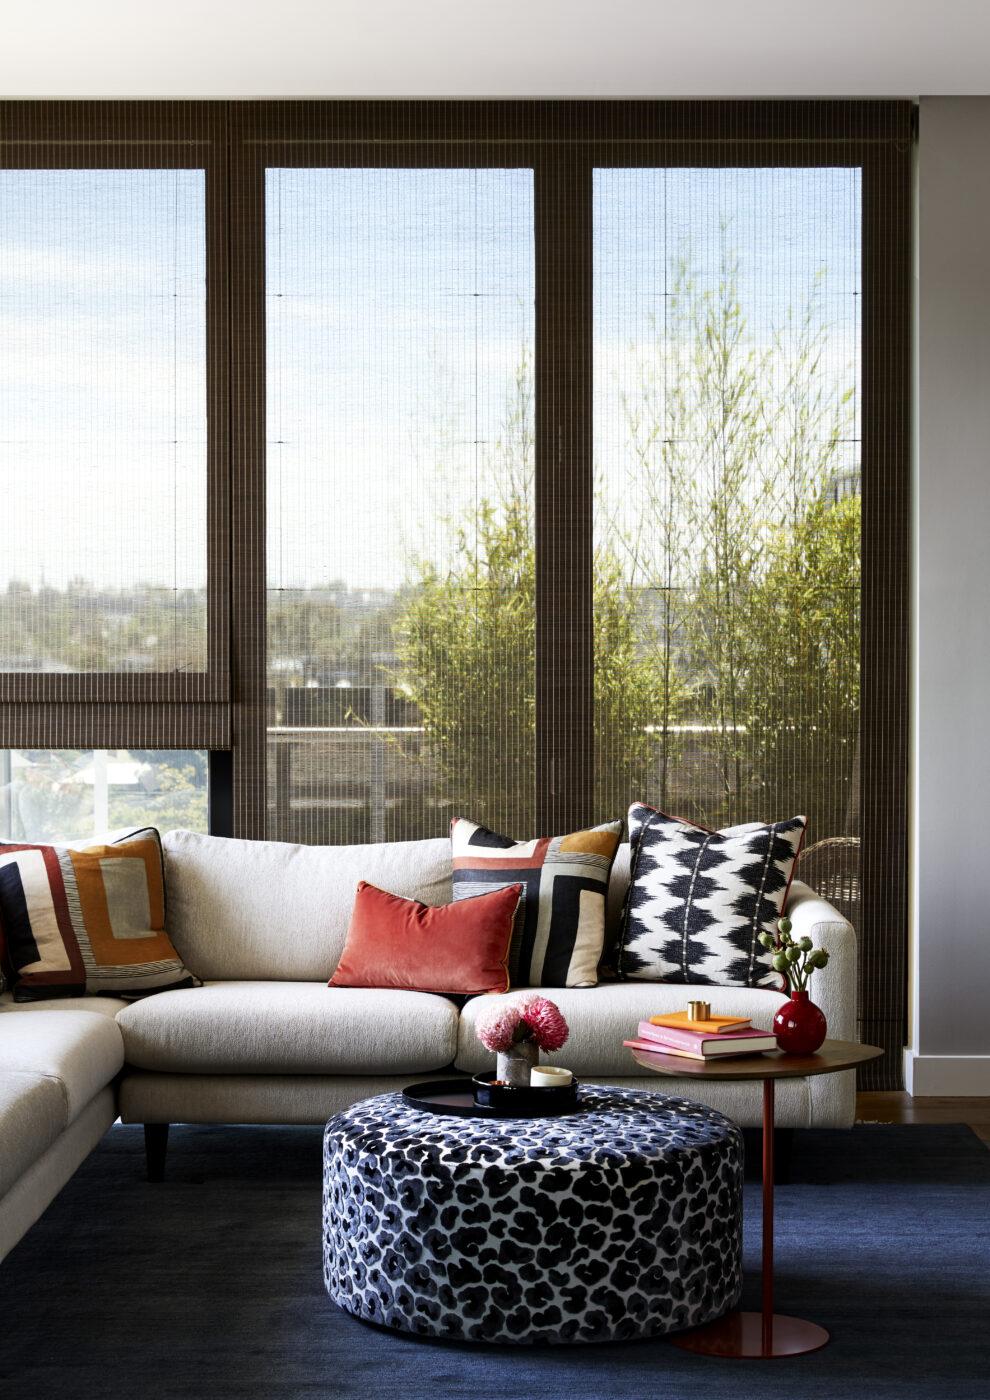 Camilla-Molders-Design-Interior-Design-Decoration-Melbourne-Hawthorn-Apartment-Interior-Design